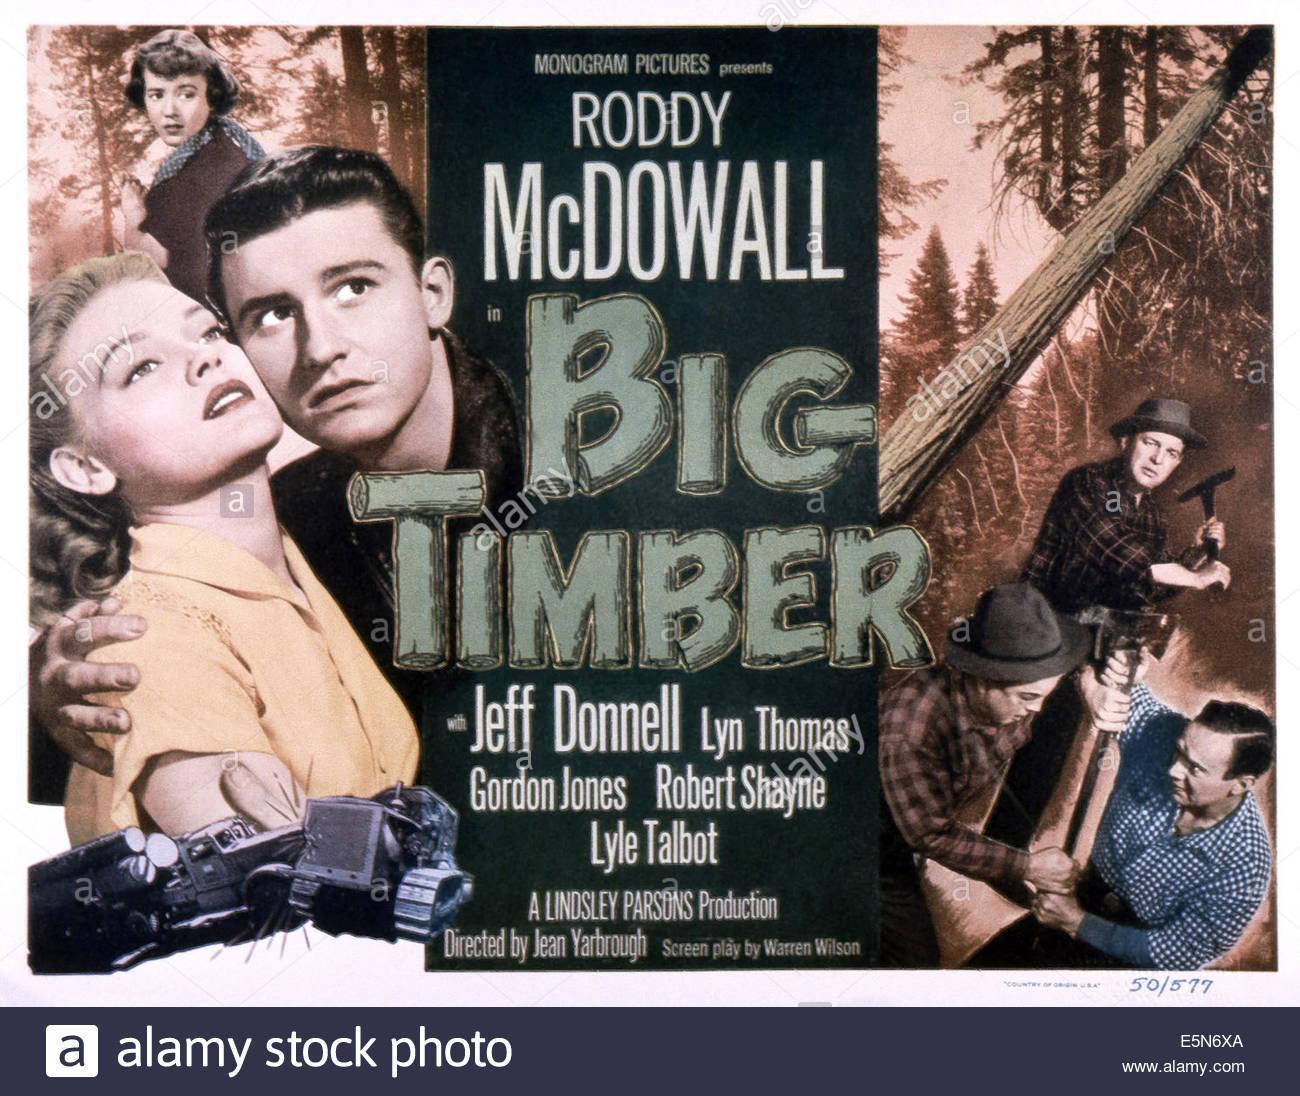 big_timber-569905002-large.jpg